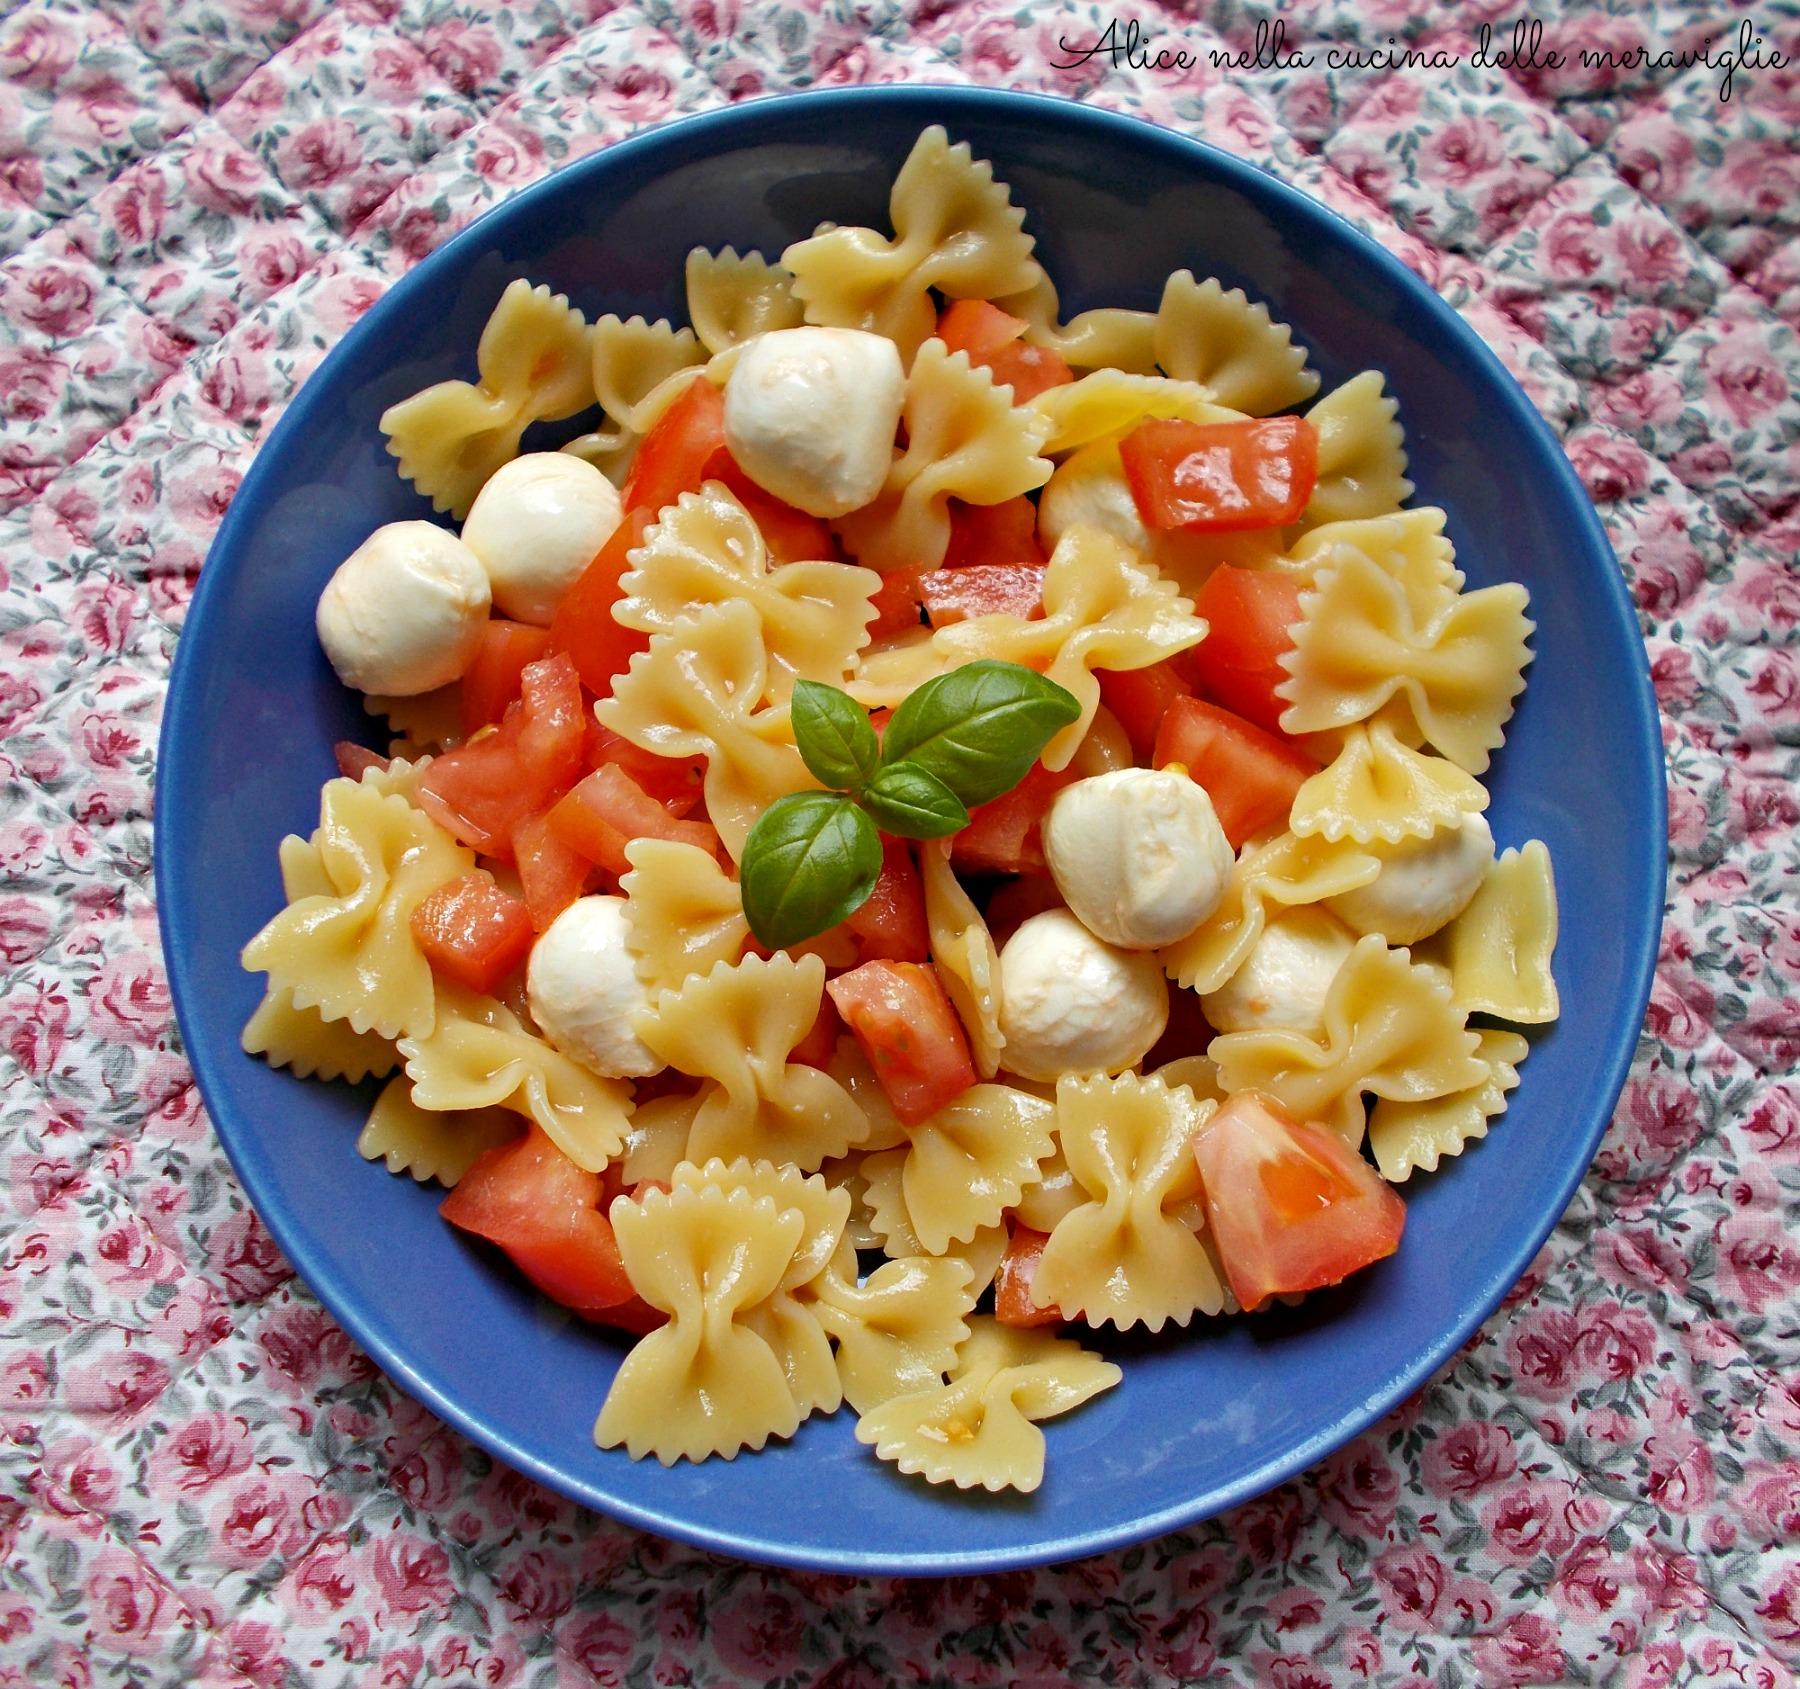 Pasta fredda con pomodori e mozzarelline Ricetta primo piatto vegetariano Alice nella cucina delle meraviglie